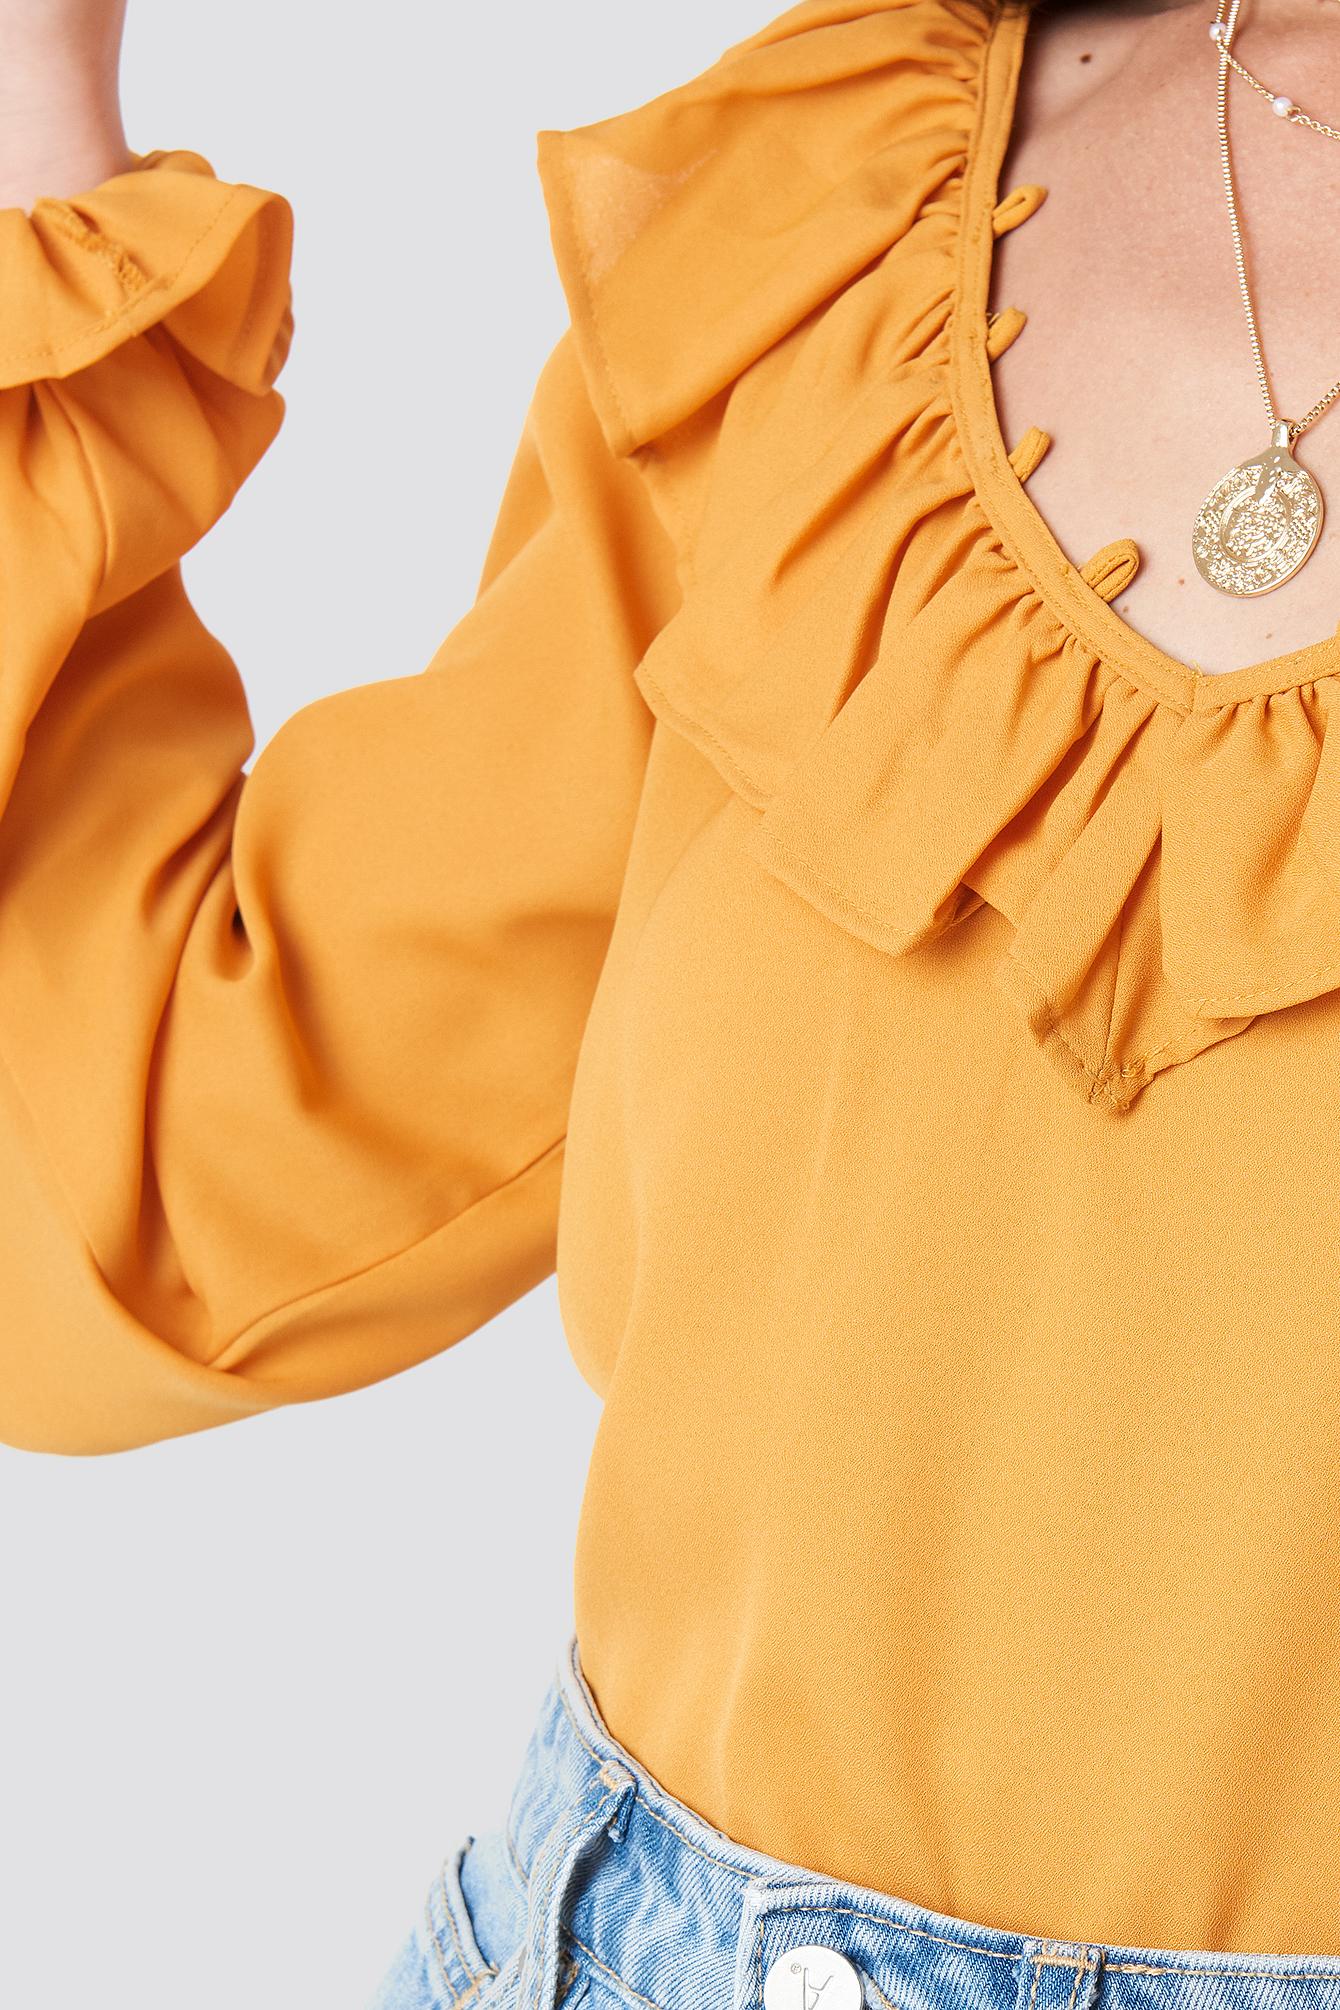 Slip Shoulder Flounce Blouse NA-KD.COM